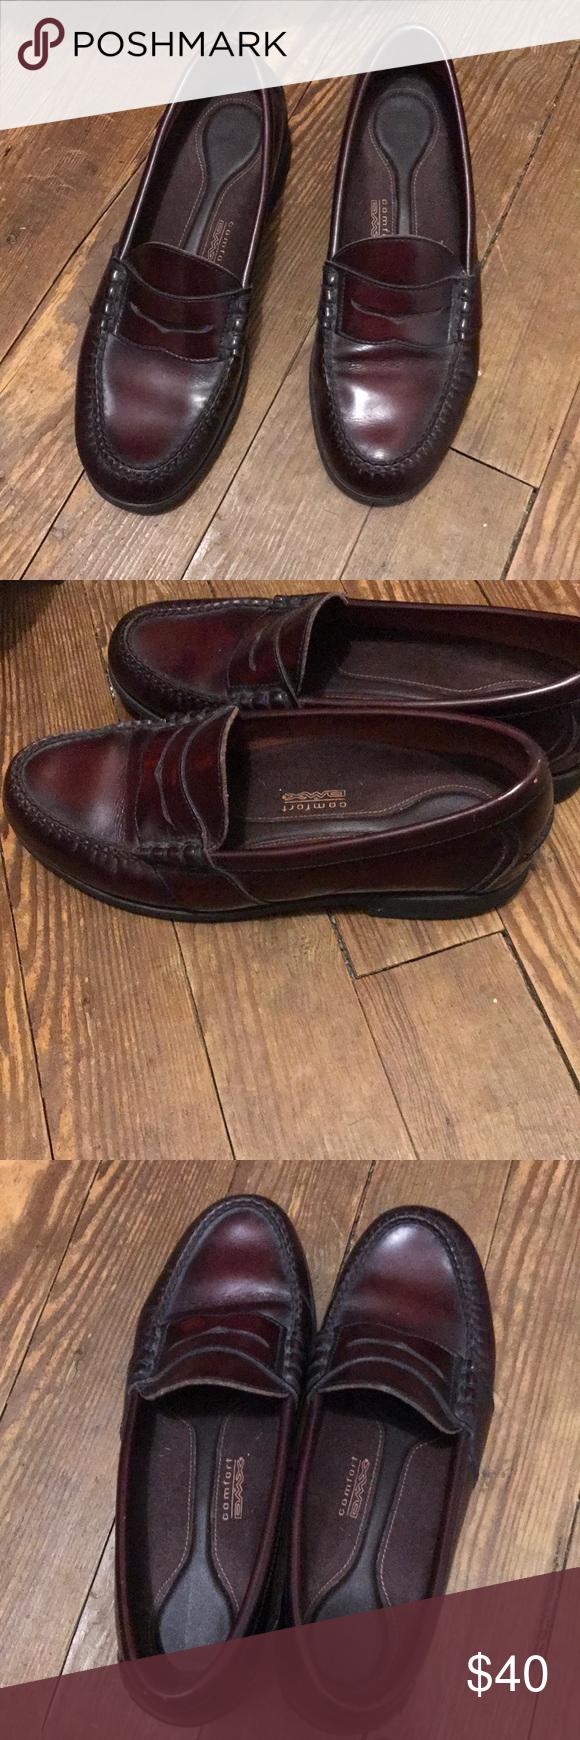 Rockport shoes, Dress shoes men, Rockport